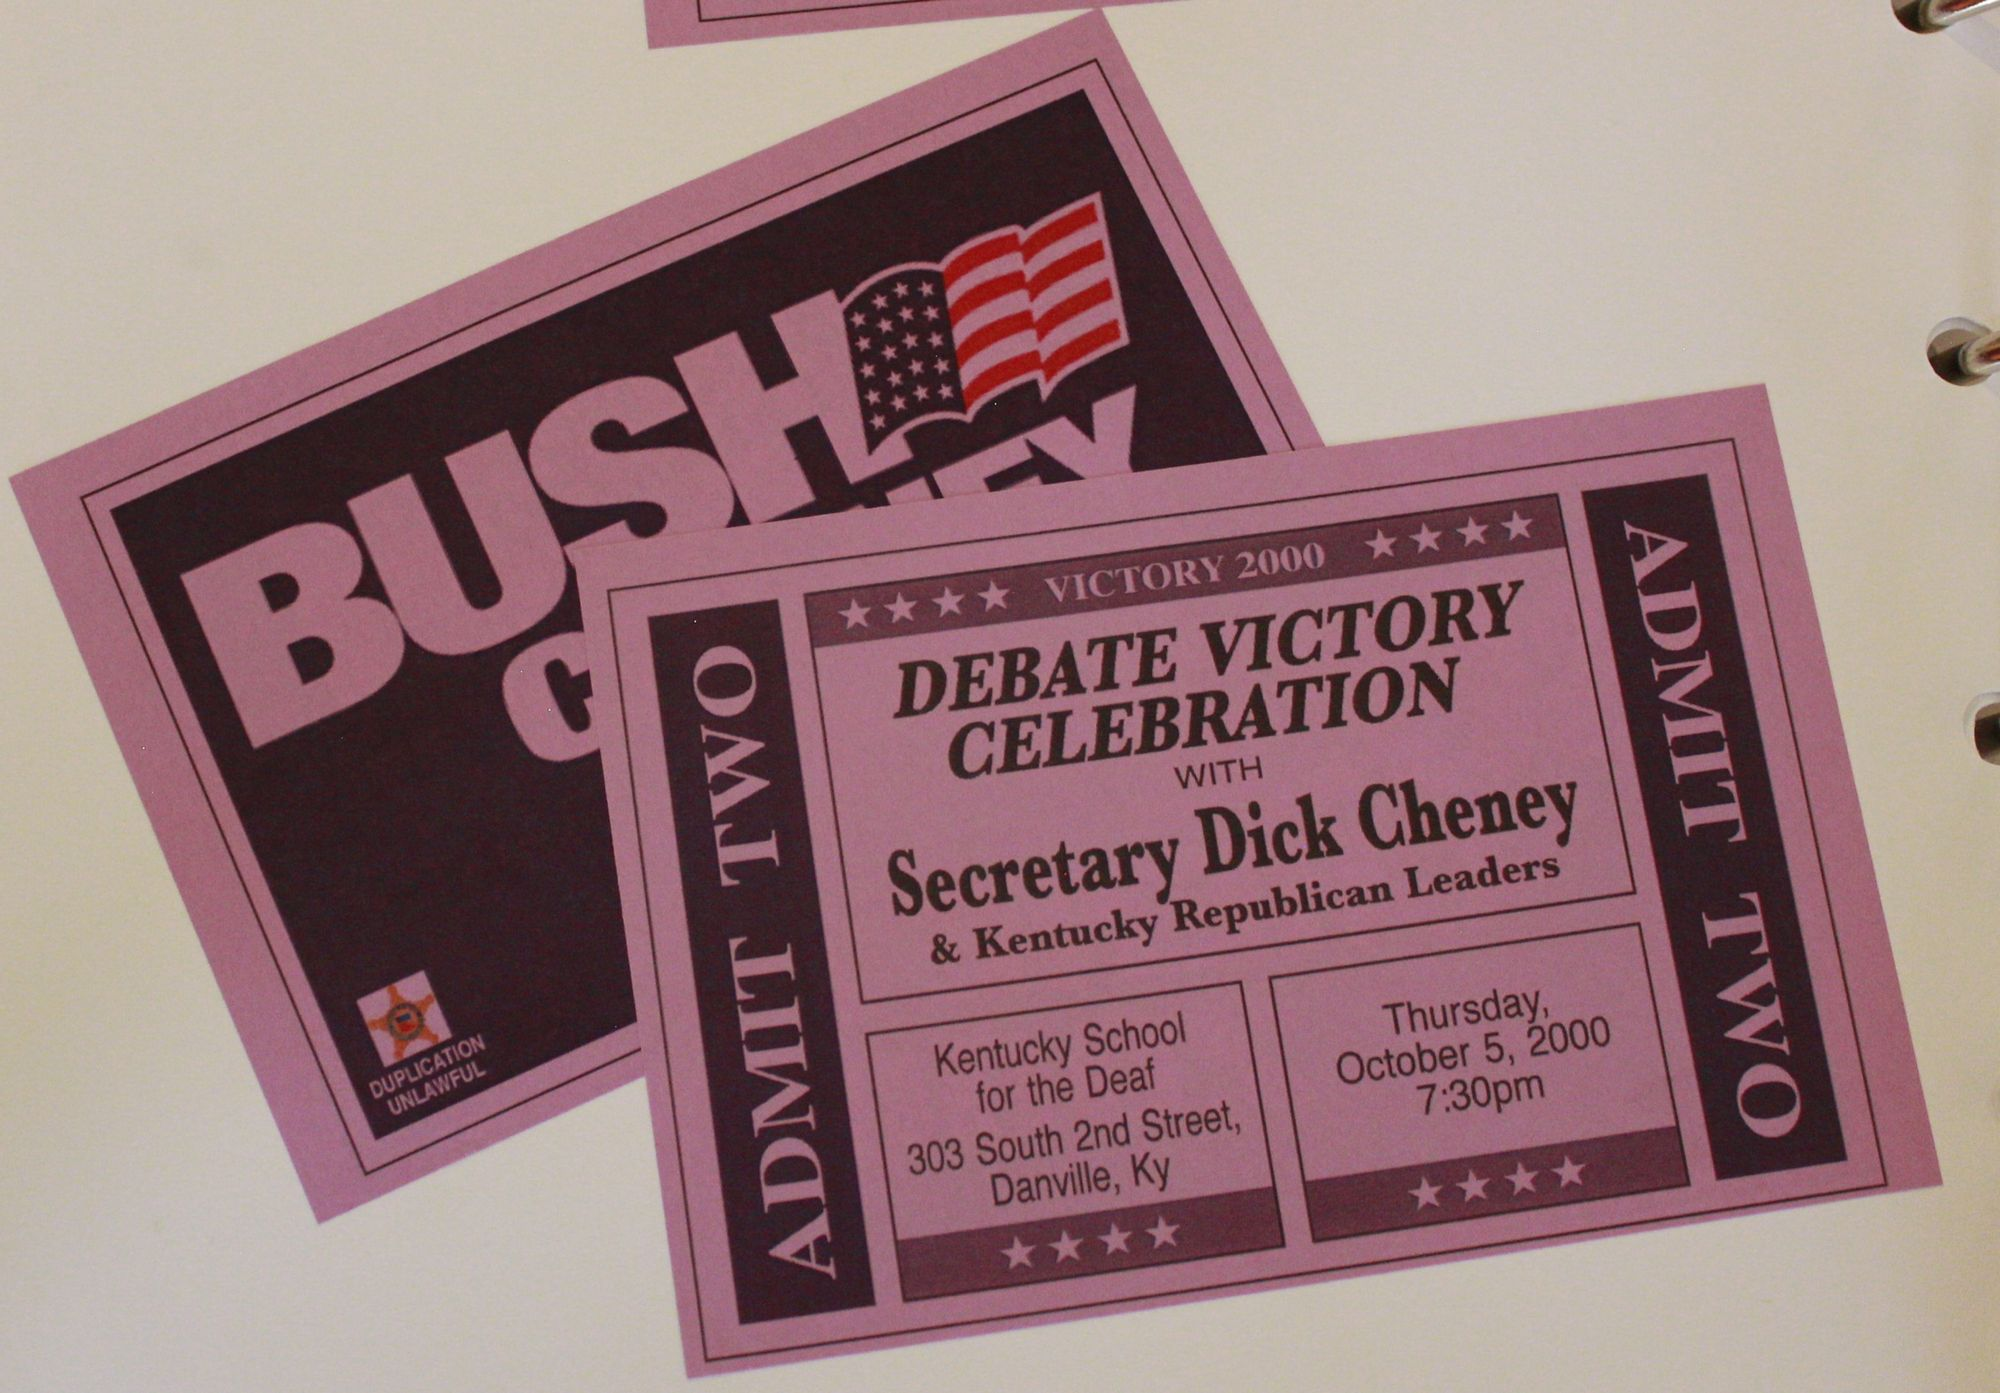 Danville, Kentucky Debate